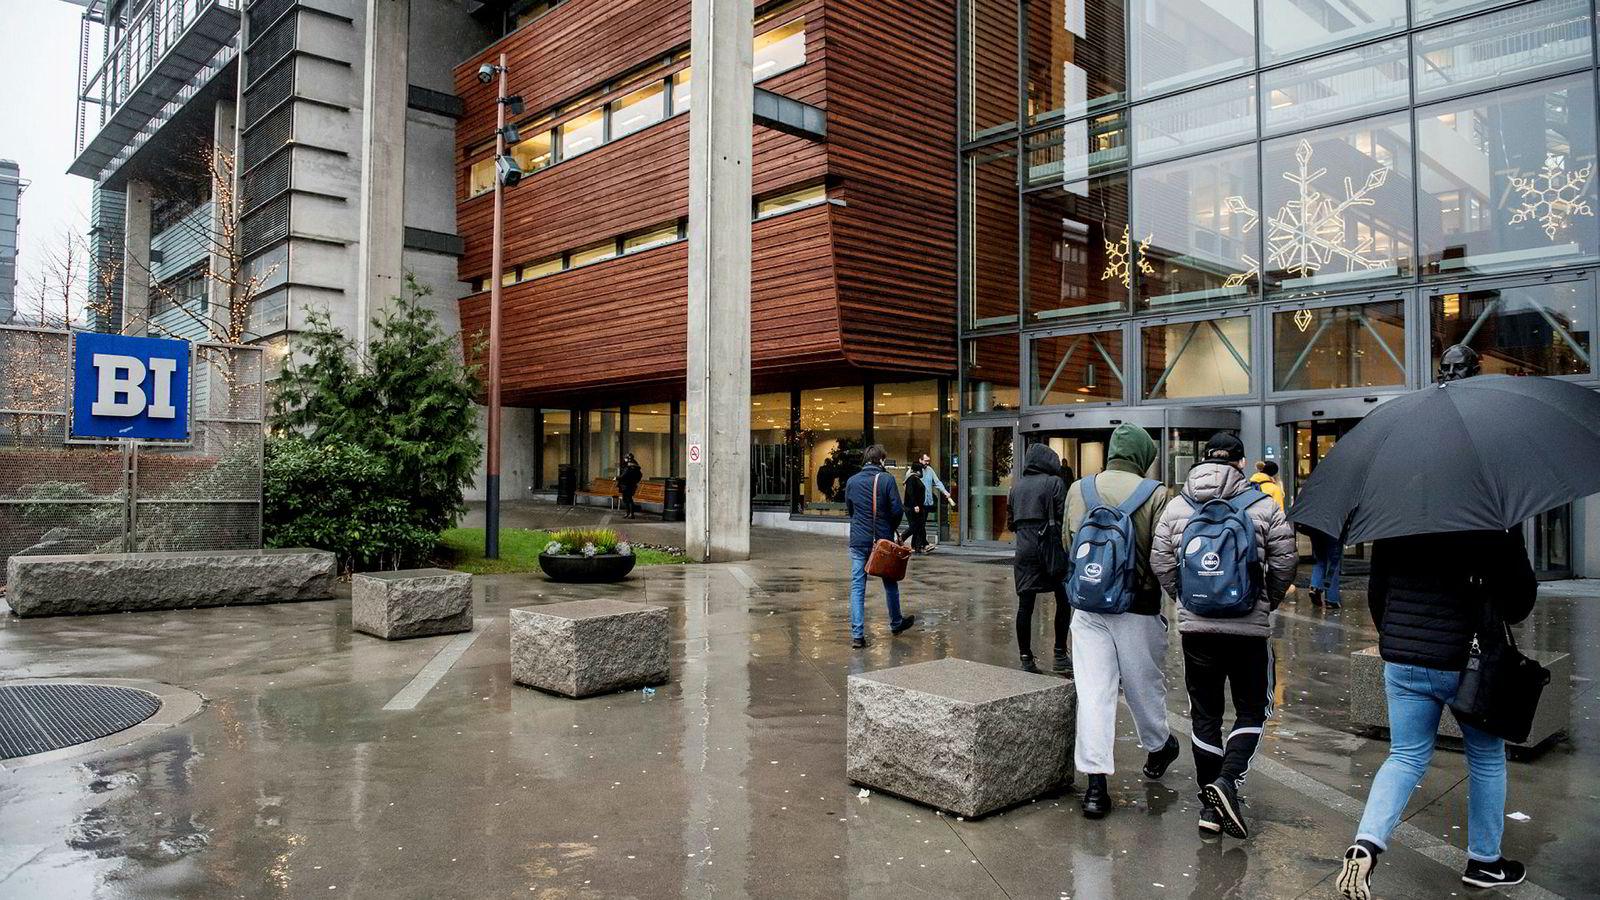 Studentene på et studiested ender gjerne opp med å bosette seg og finne arbeid i studiestedets nedslagsfelt. Da bør vi også ha et finansieringssystem som stimulerer til tettere samarbeid mellom universiteter, høgskoler, kommuner/regioner og næringslivet, skriver innleggsforfatteren.